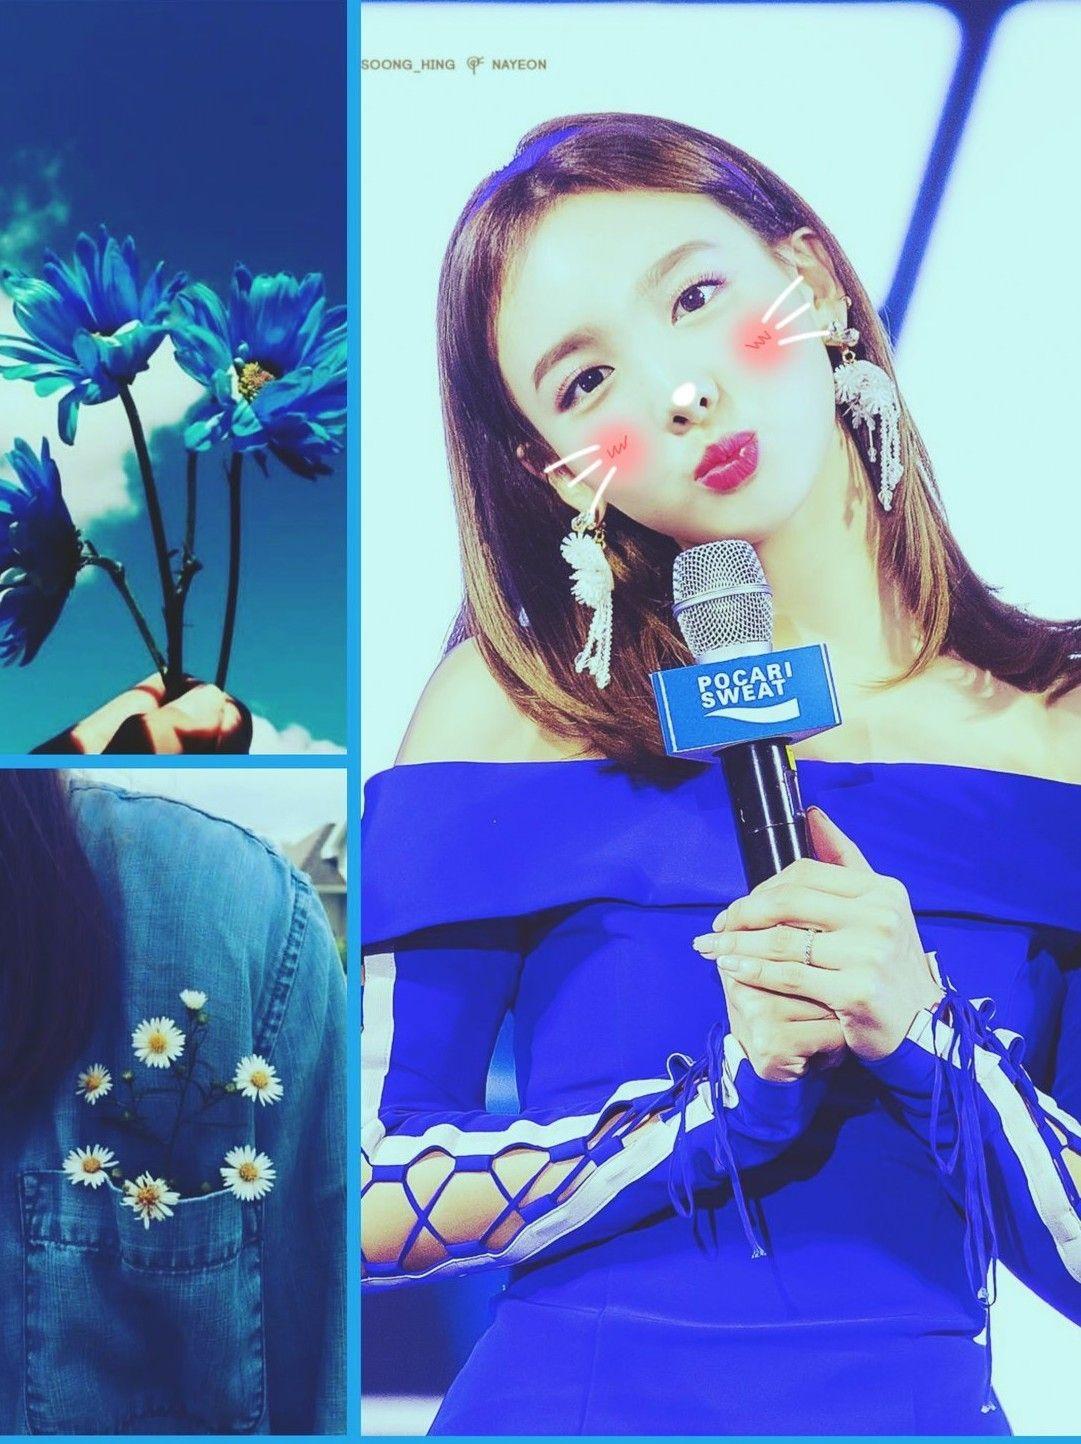 TwiceNayeon 180922 Happy_Nayeon_Day Happy_Birthday